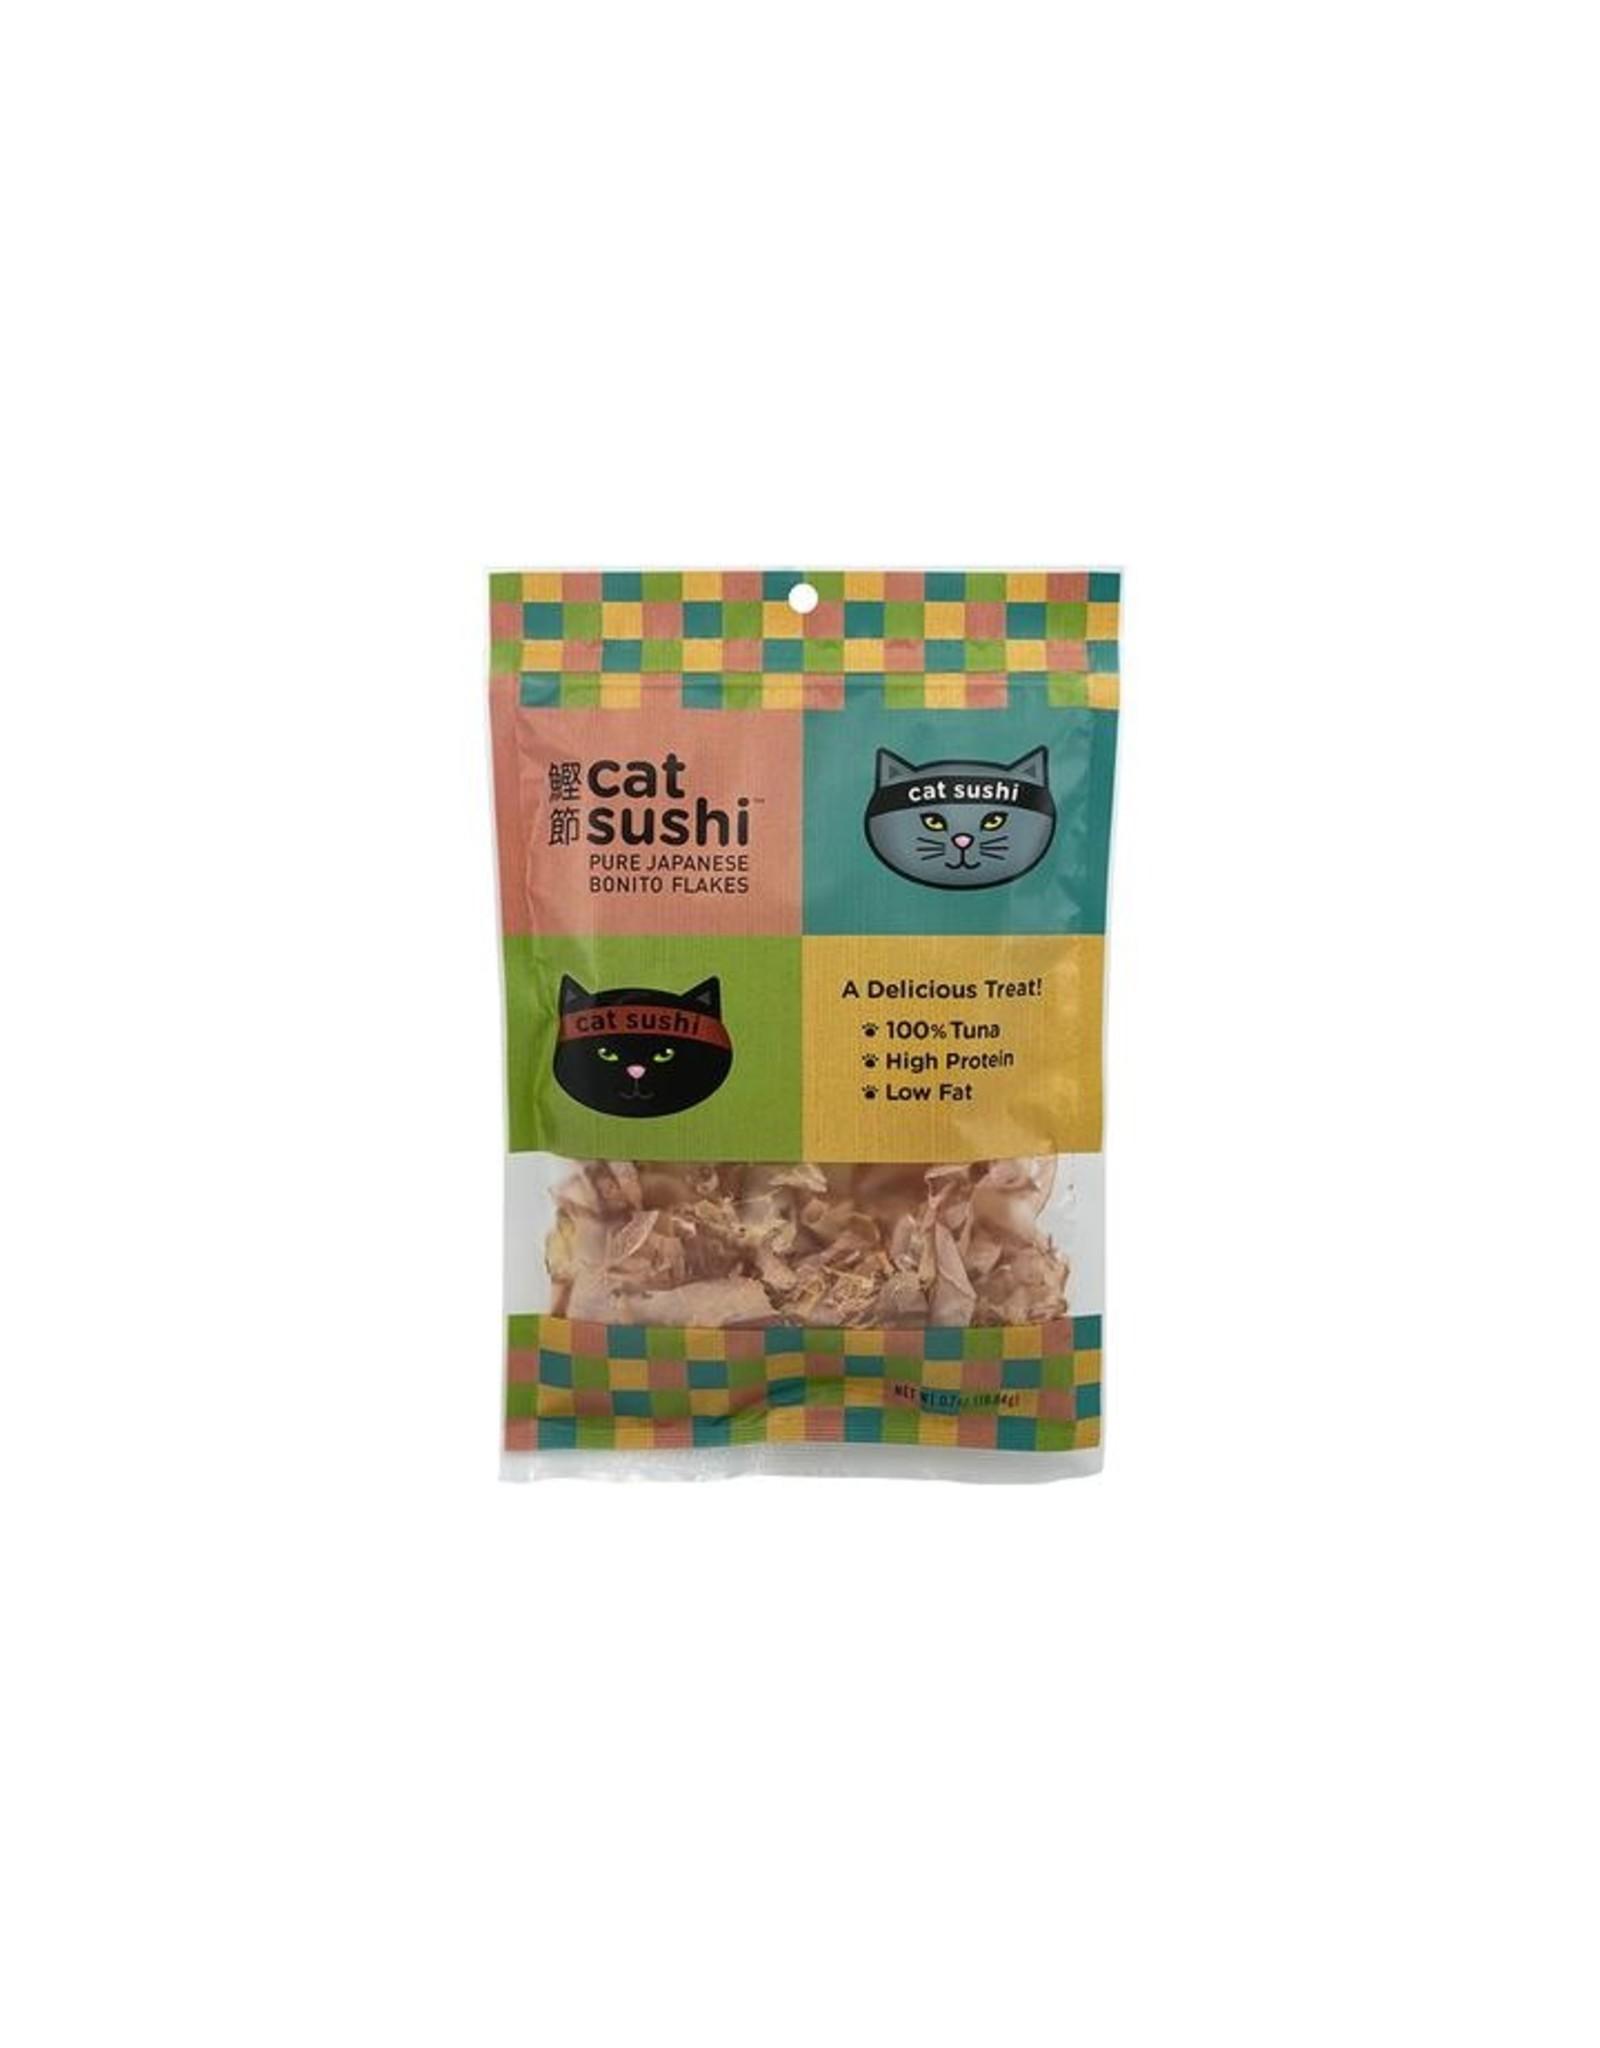 Cat Sushi: Japanese Bonito Flakes 4oz